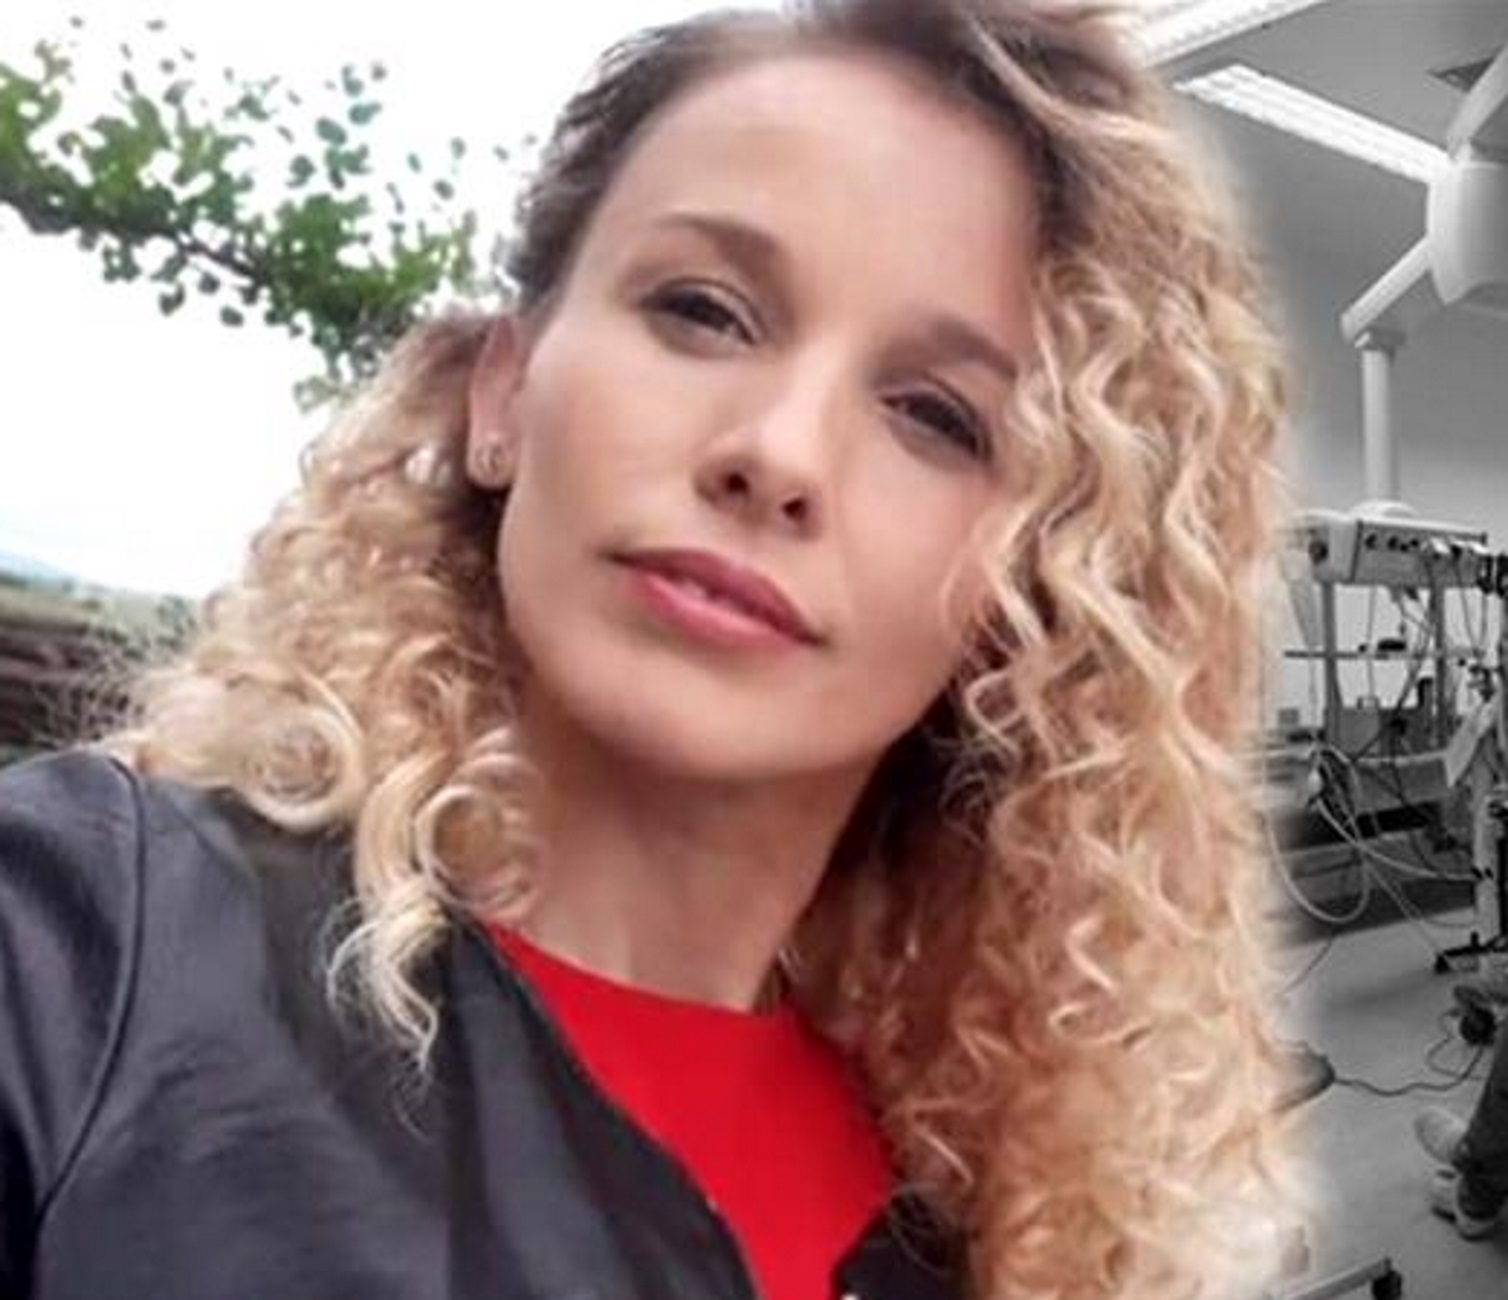 Κατερίνη: Ραγίζει καρδιές ο σύζυγος της αδικοχαμένης λεχώνας που πέθανε από αλλεργικό σοκ μετά την καισαρική [video]